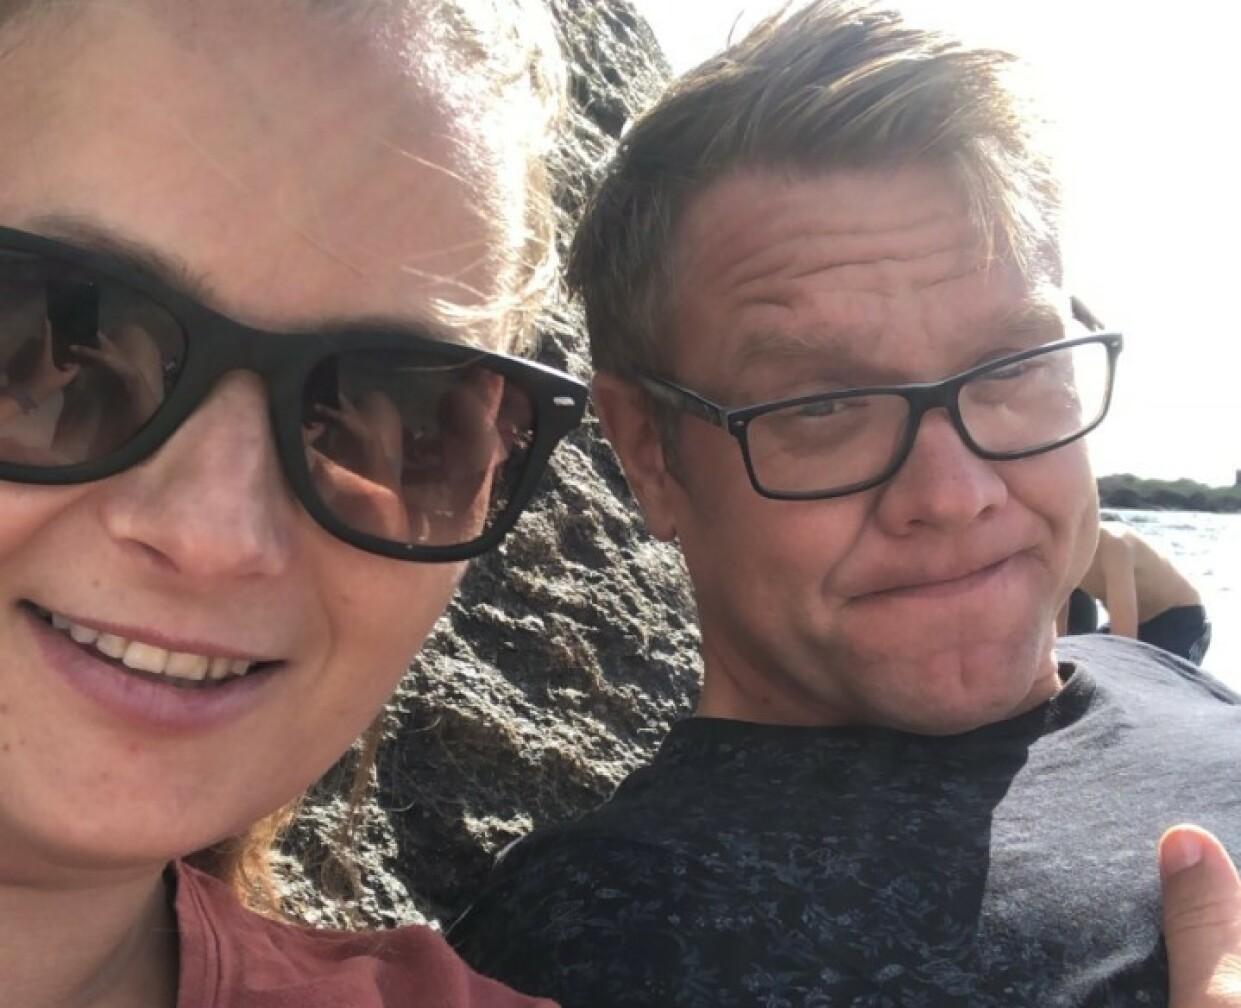 IKKE REDDE FOR Å LÅNE BORT: Eva Eline og Morten er spente på hvordan det vil gå, men sier de ikke redde for at familiene som skal låne huset vil gjøre skade. FOTO: Privat